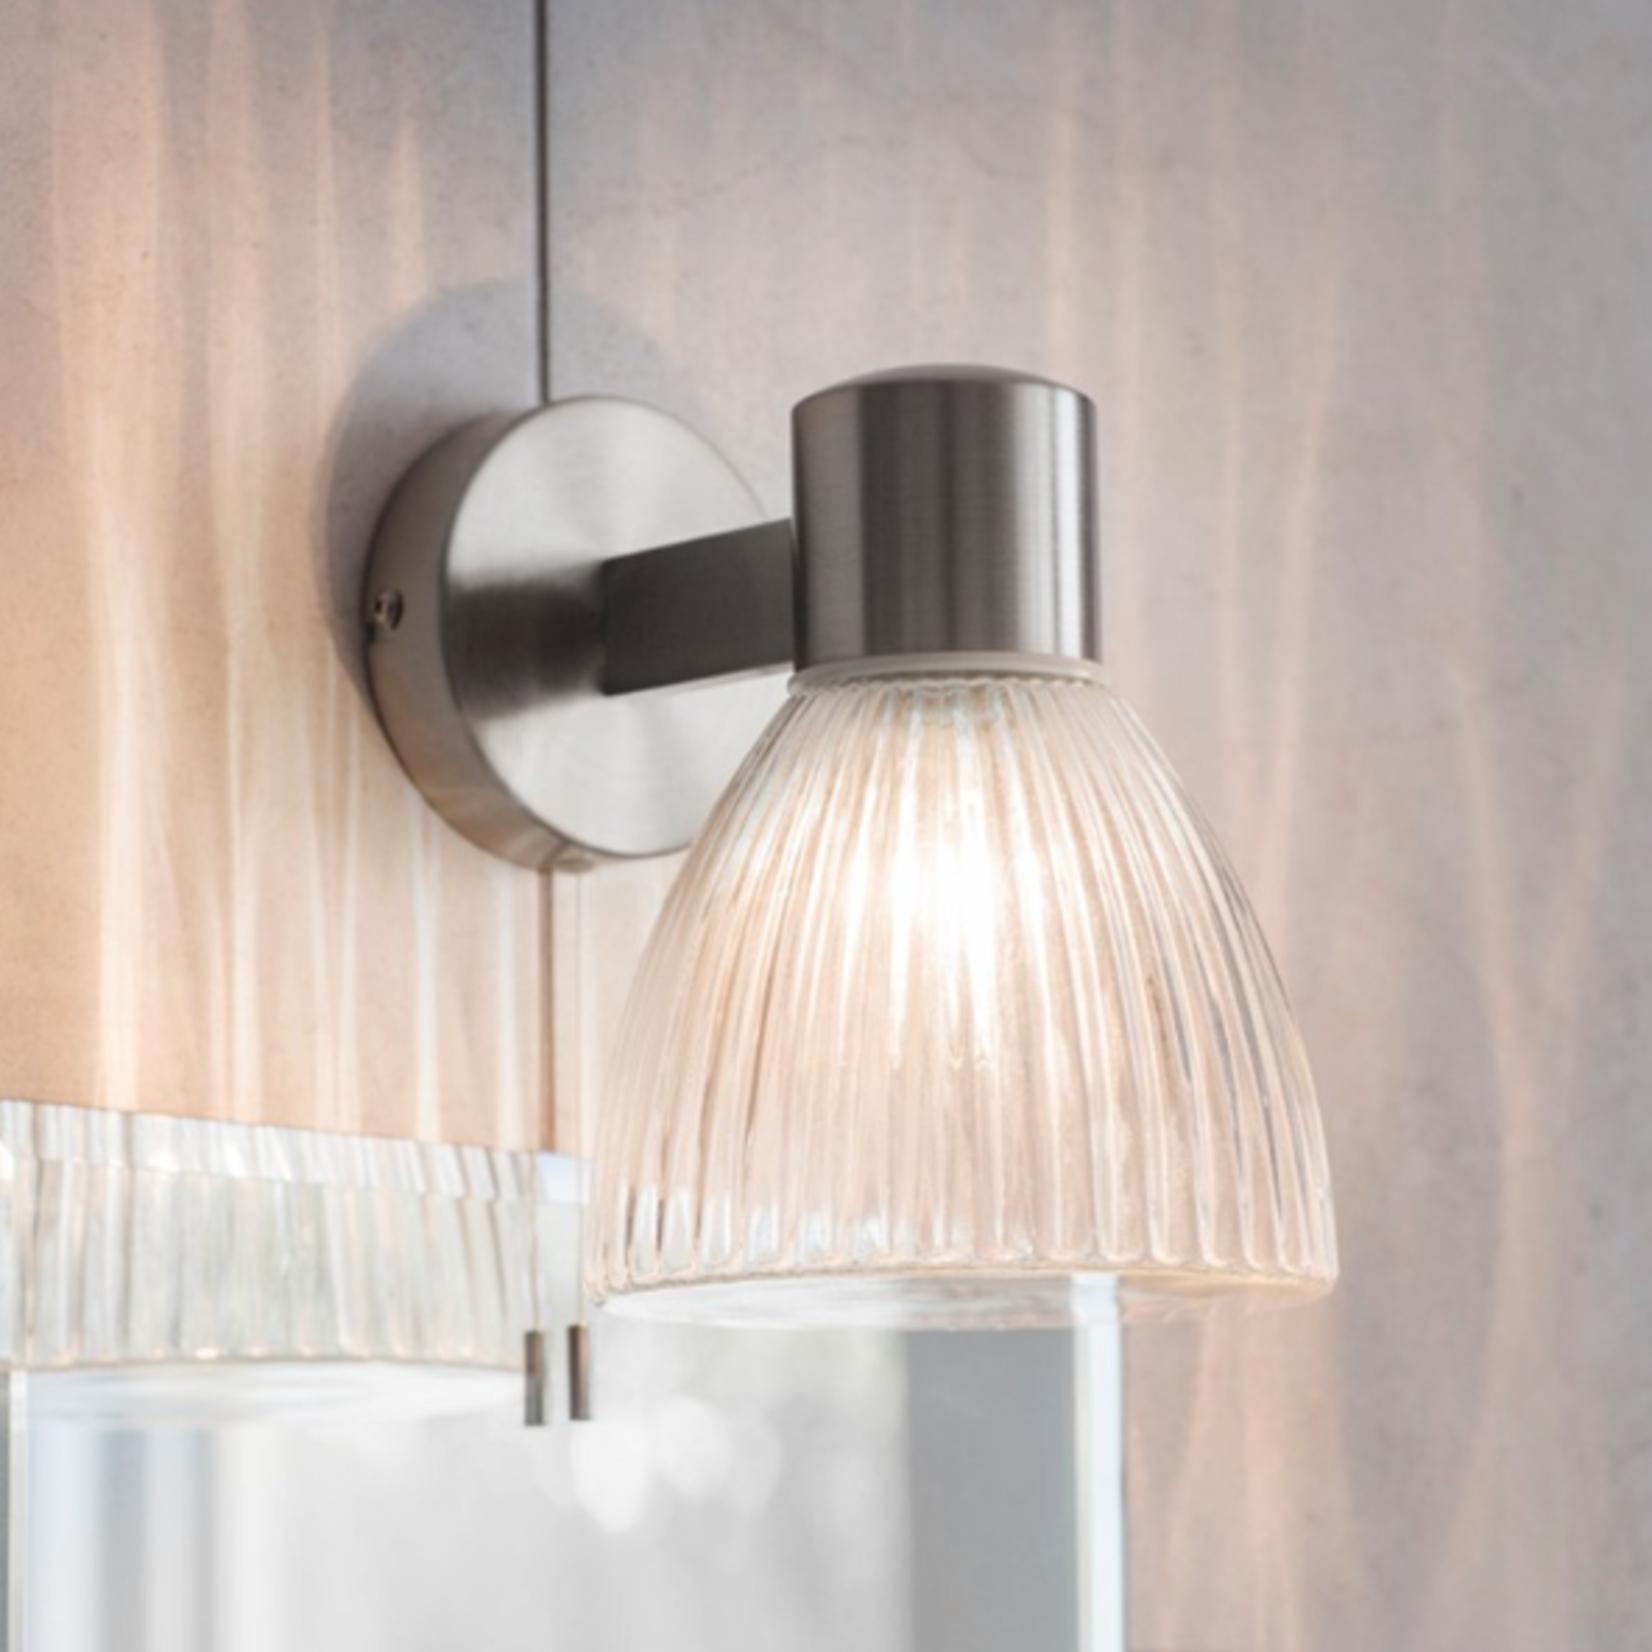 GT Campden Bathroom Wall Light - Satin Nickel